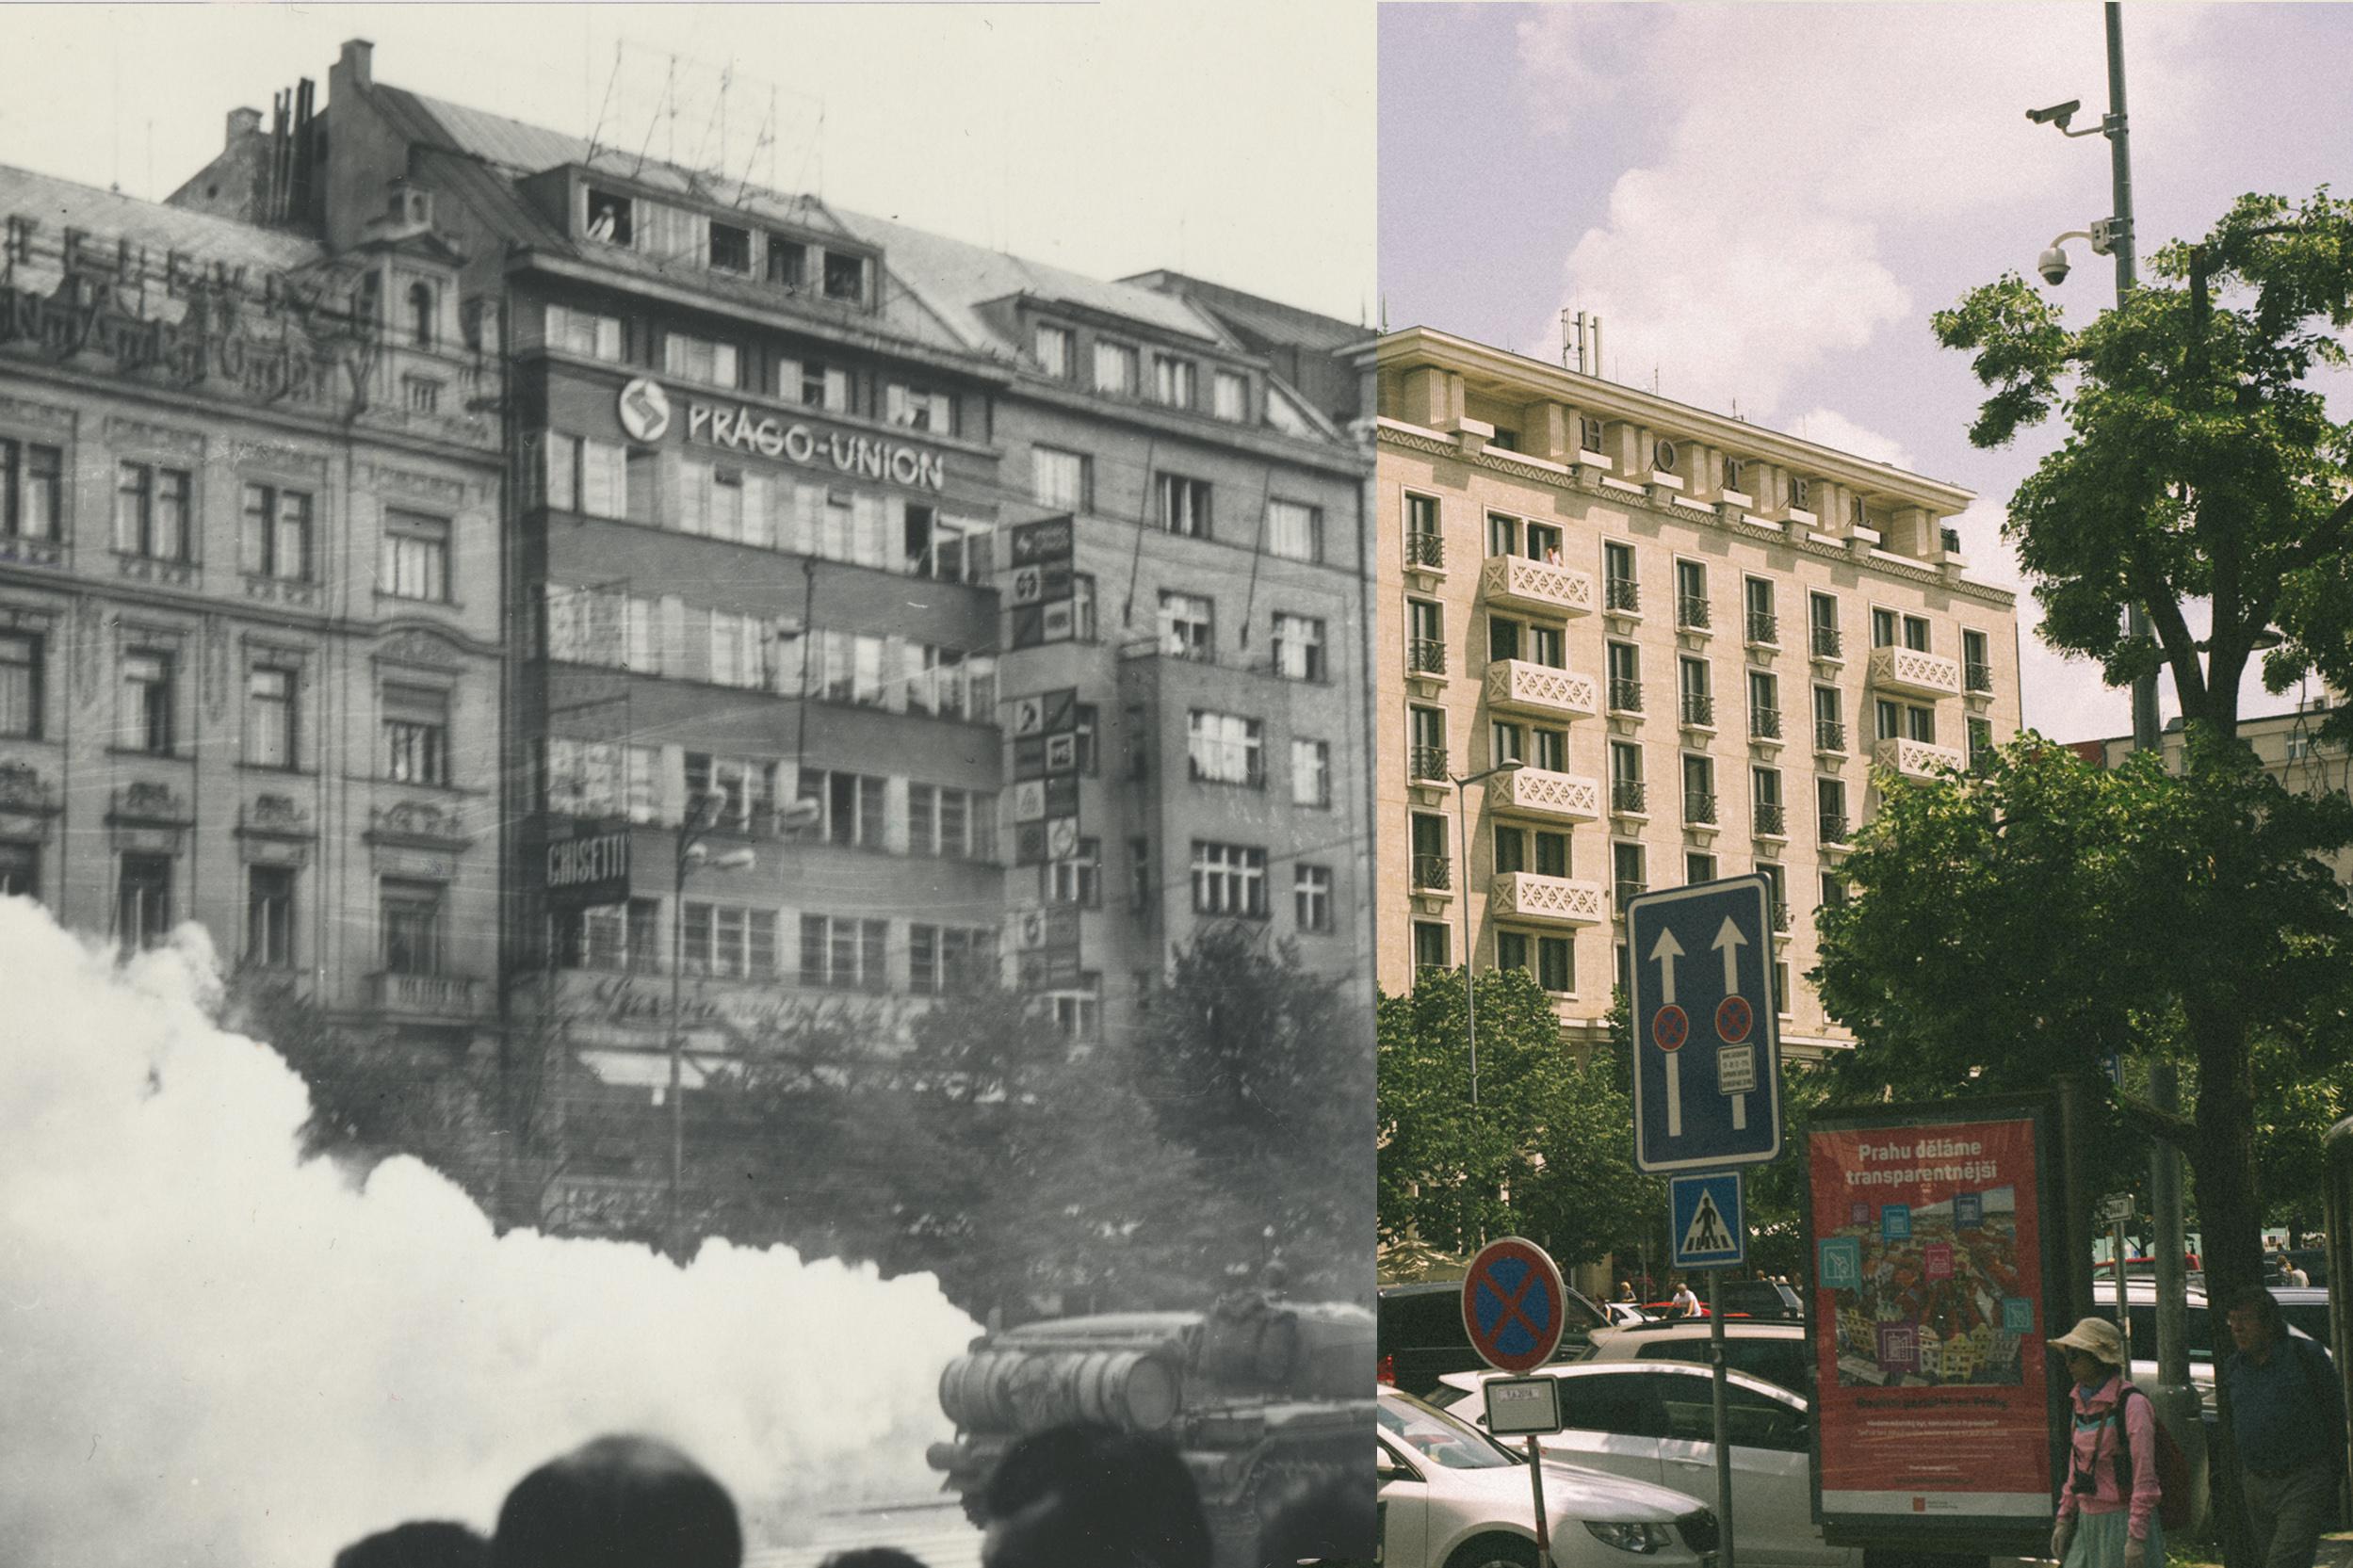 Nepoužívat - juxtapose 1968/2018 - Václavské náměstí 41, Palác knih Luxor